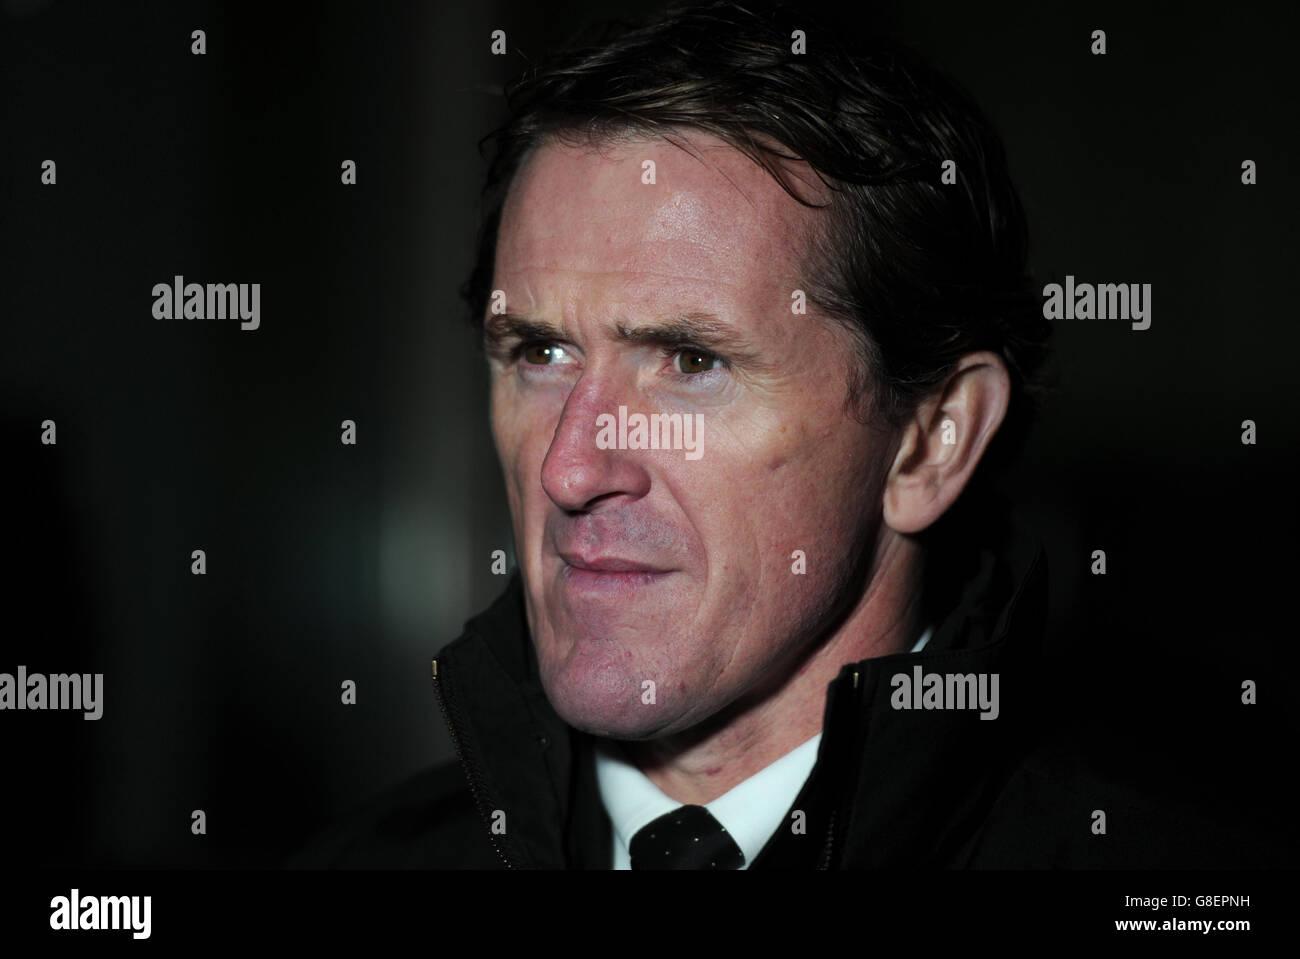 Being AP gala screening - London - Stock Image